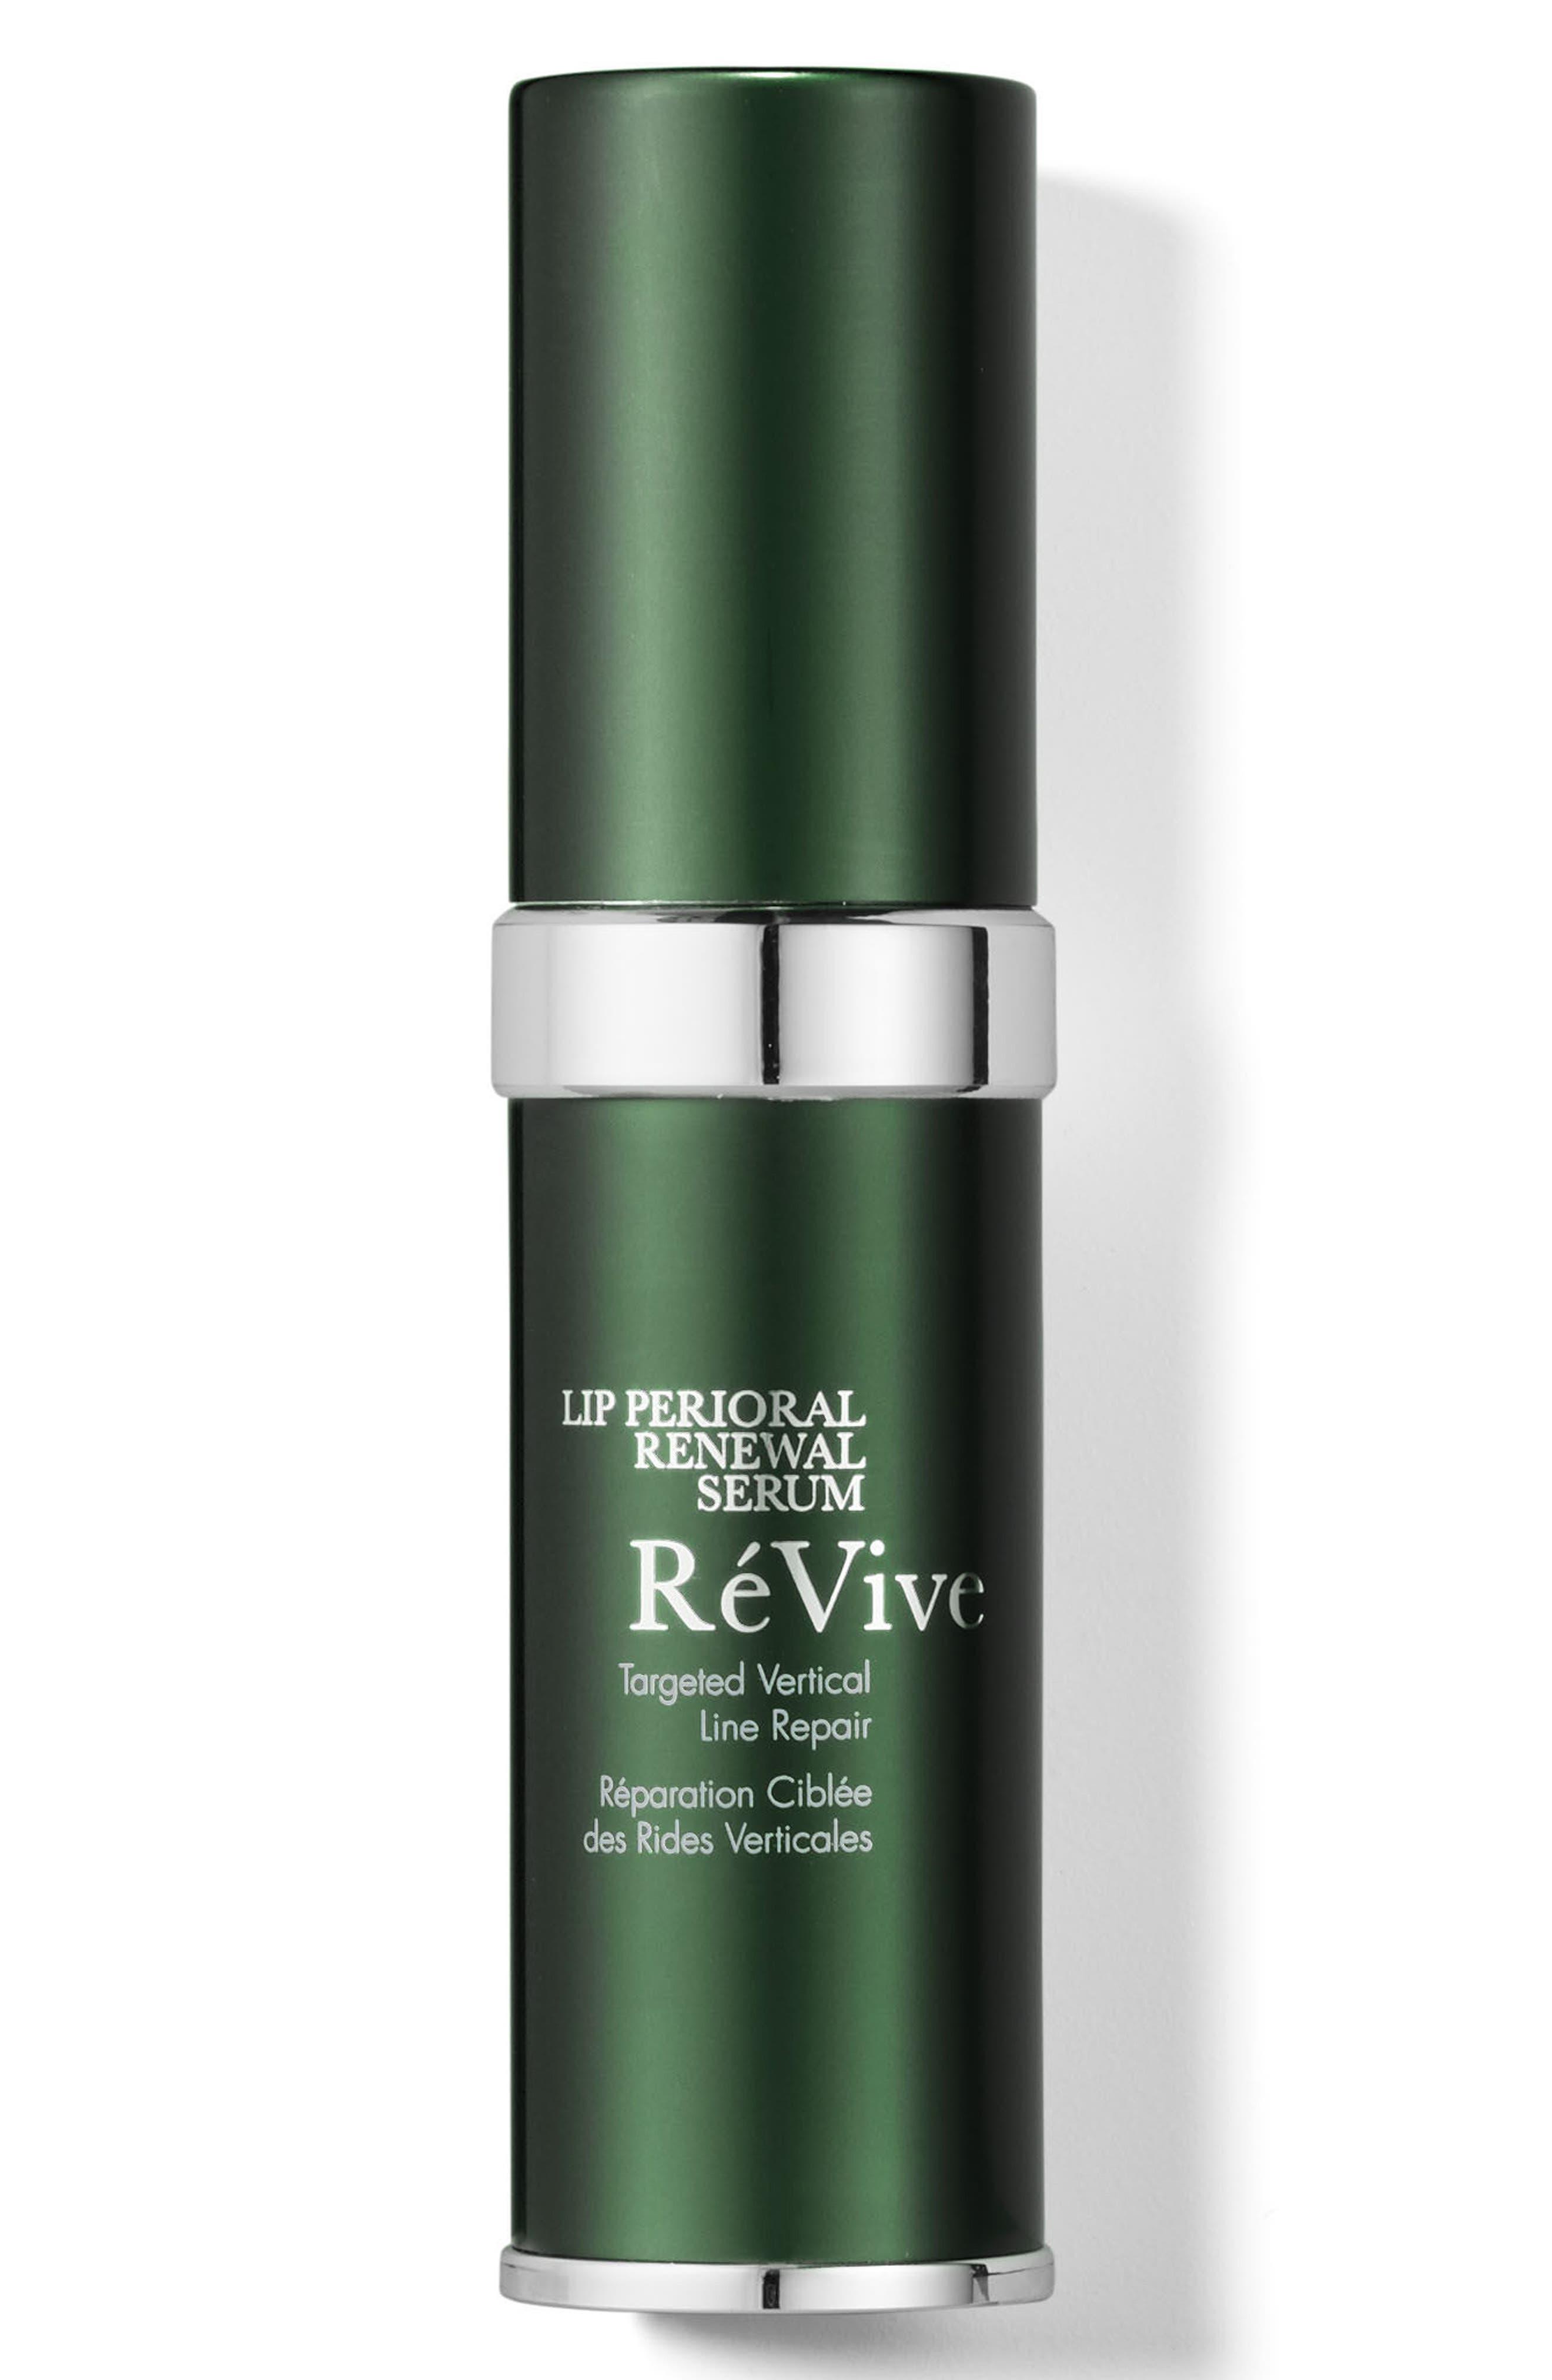 Lip & Perioral Renewal Serum,                             Main thumbnail 1, color,                             NO COLOR